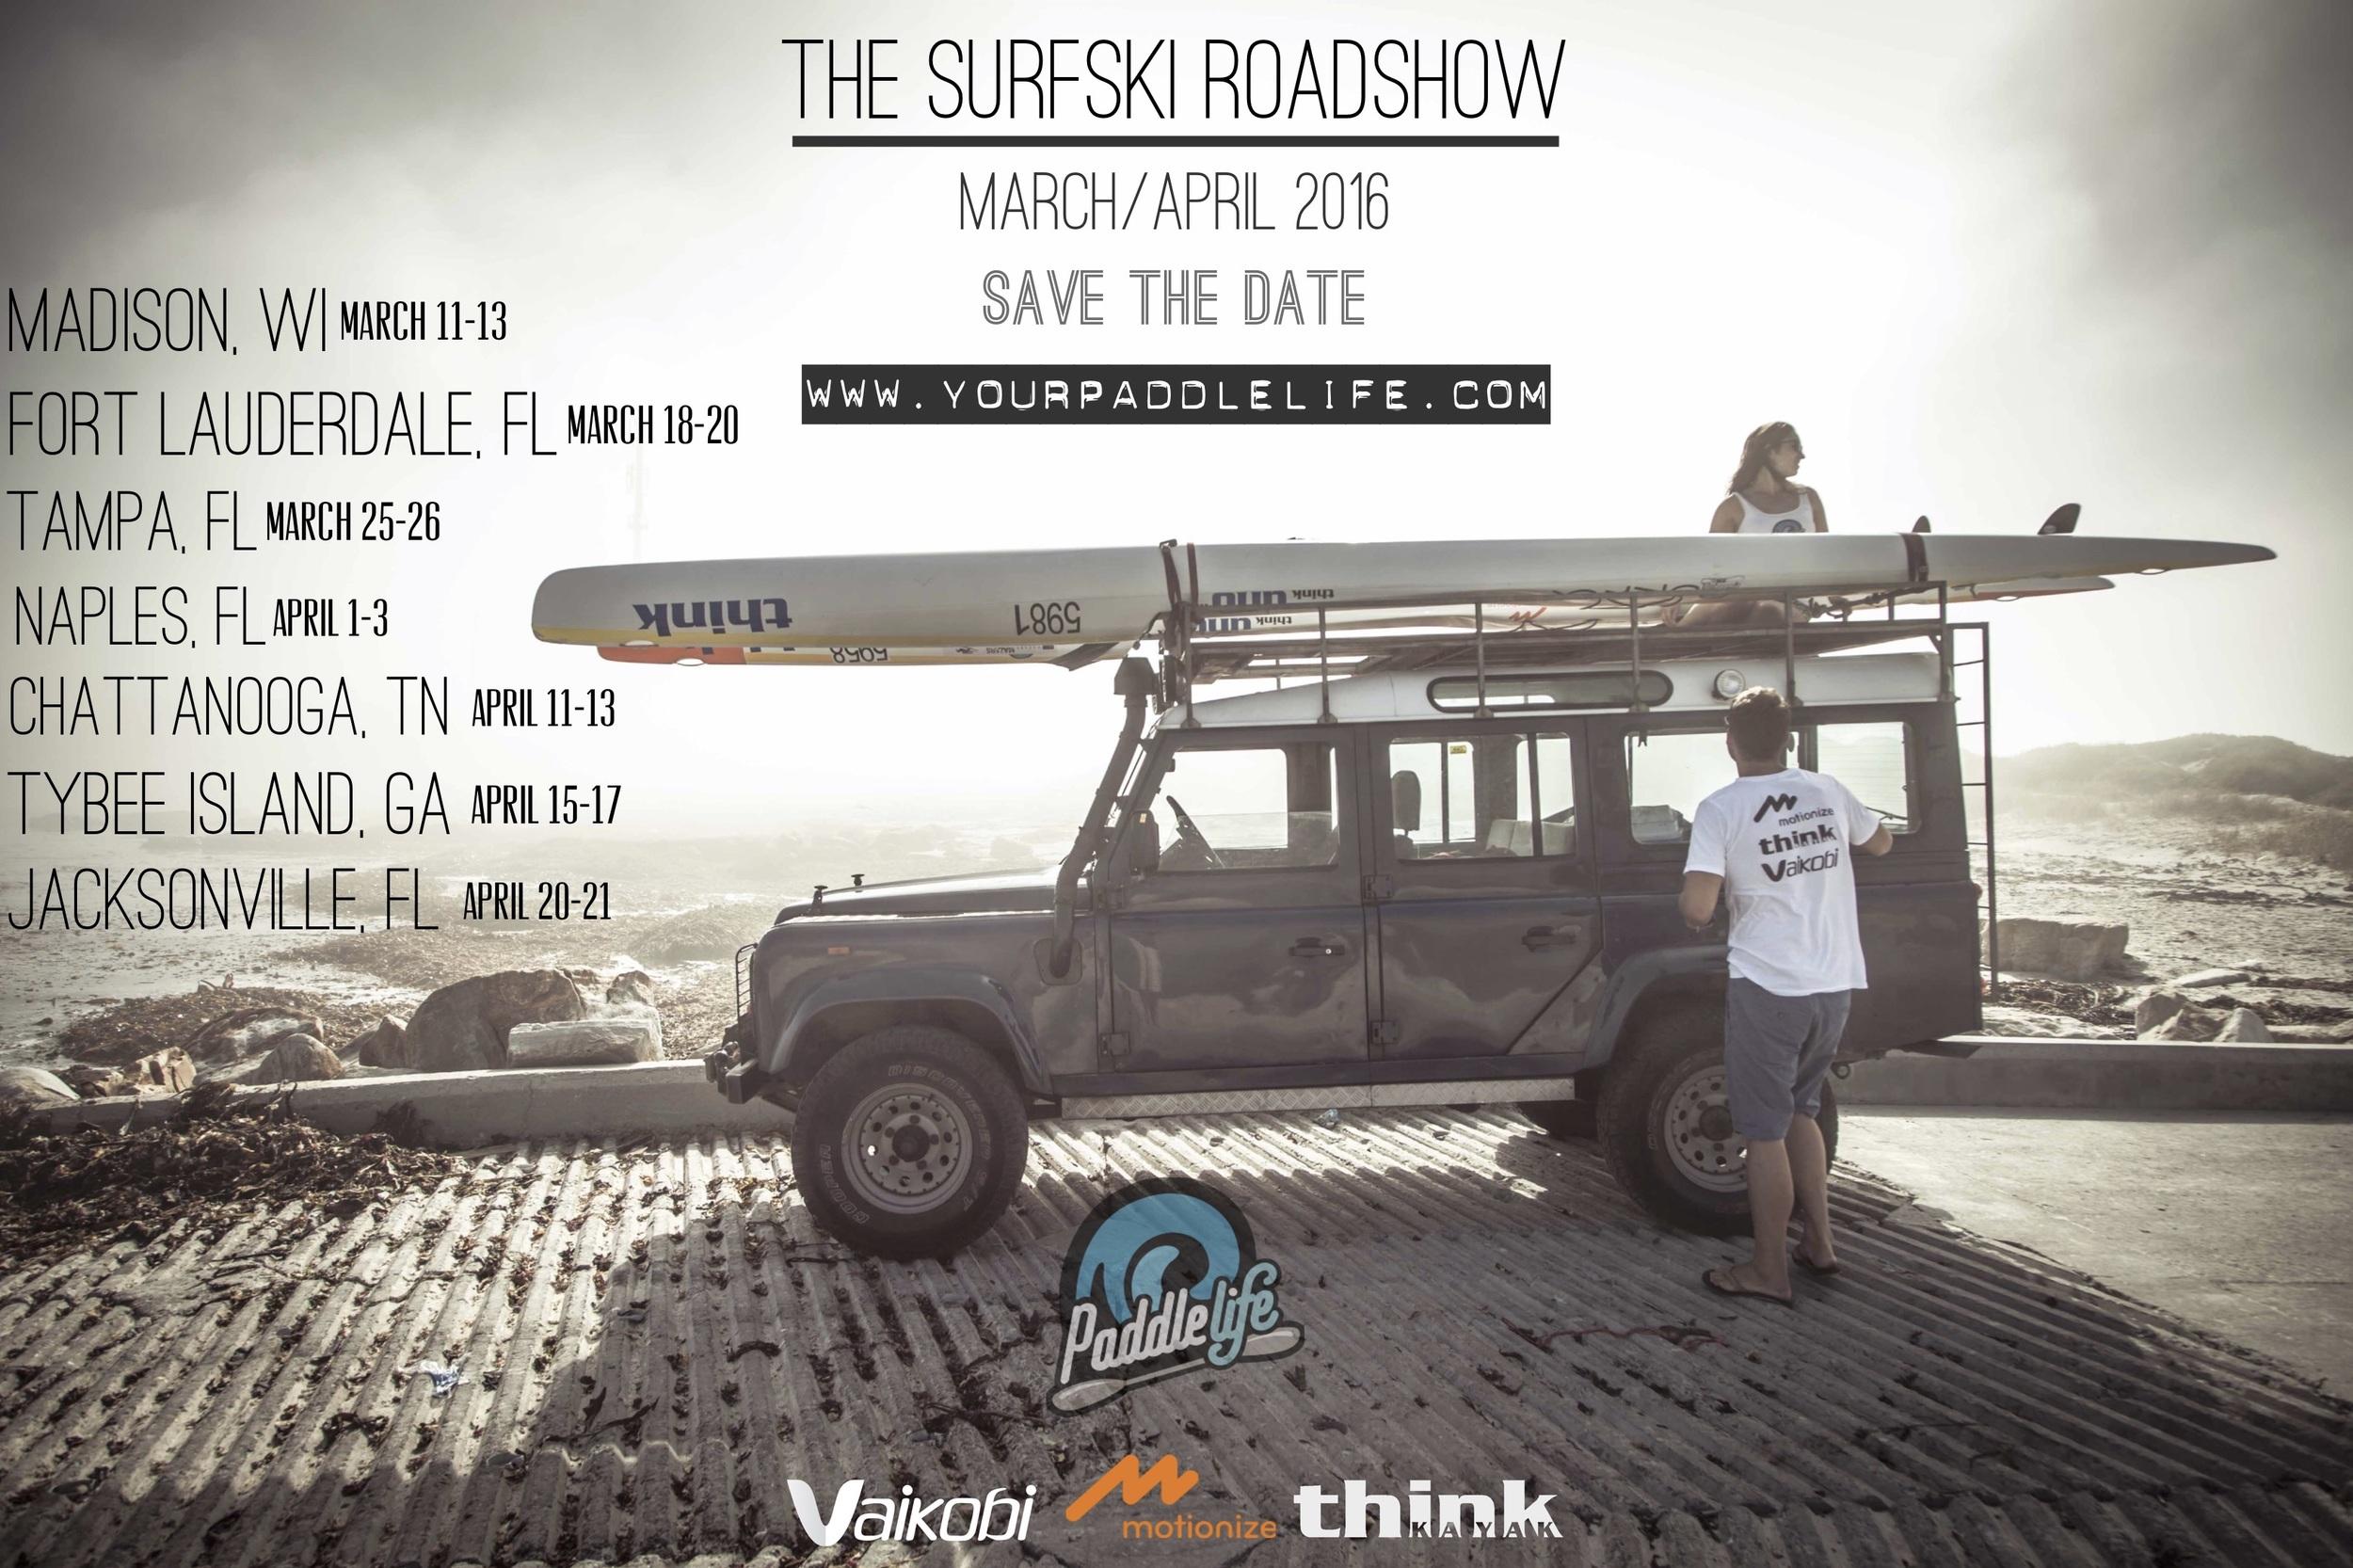 The Surfski Roadshow